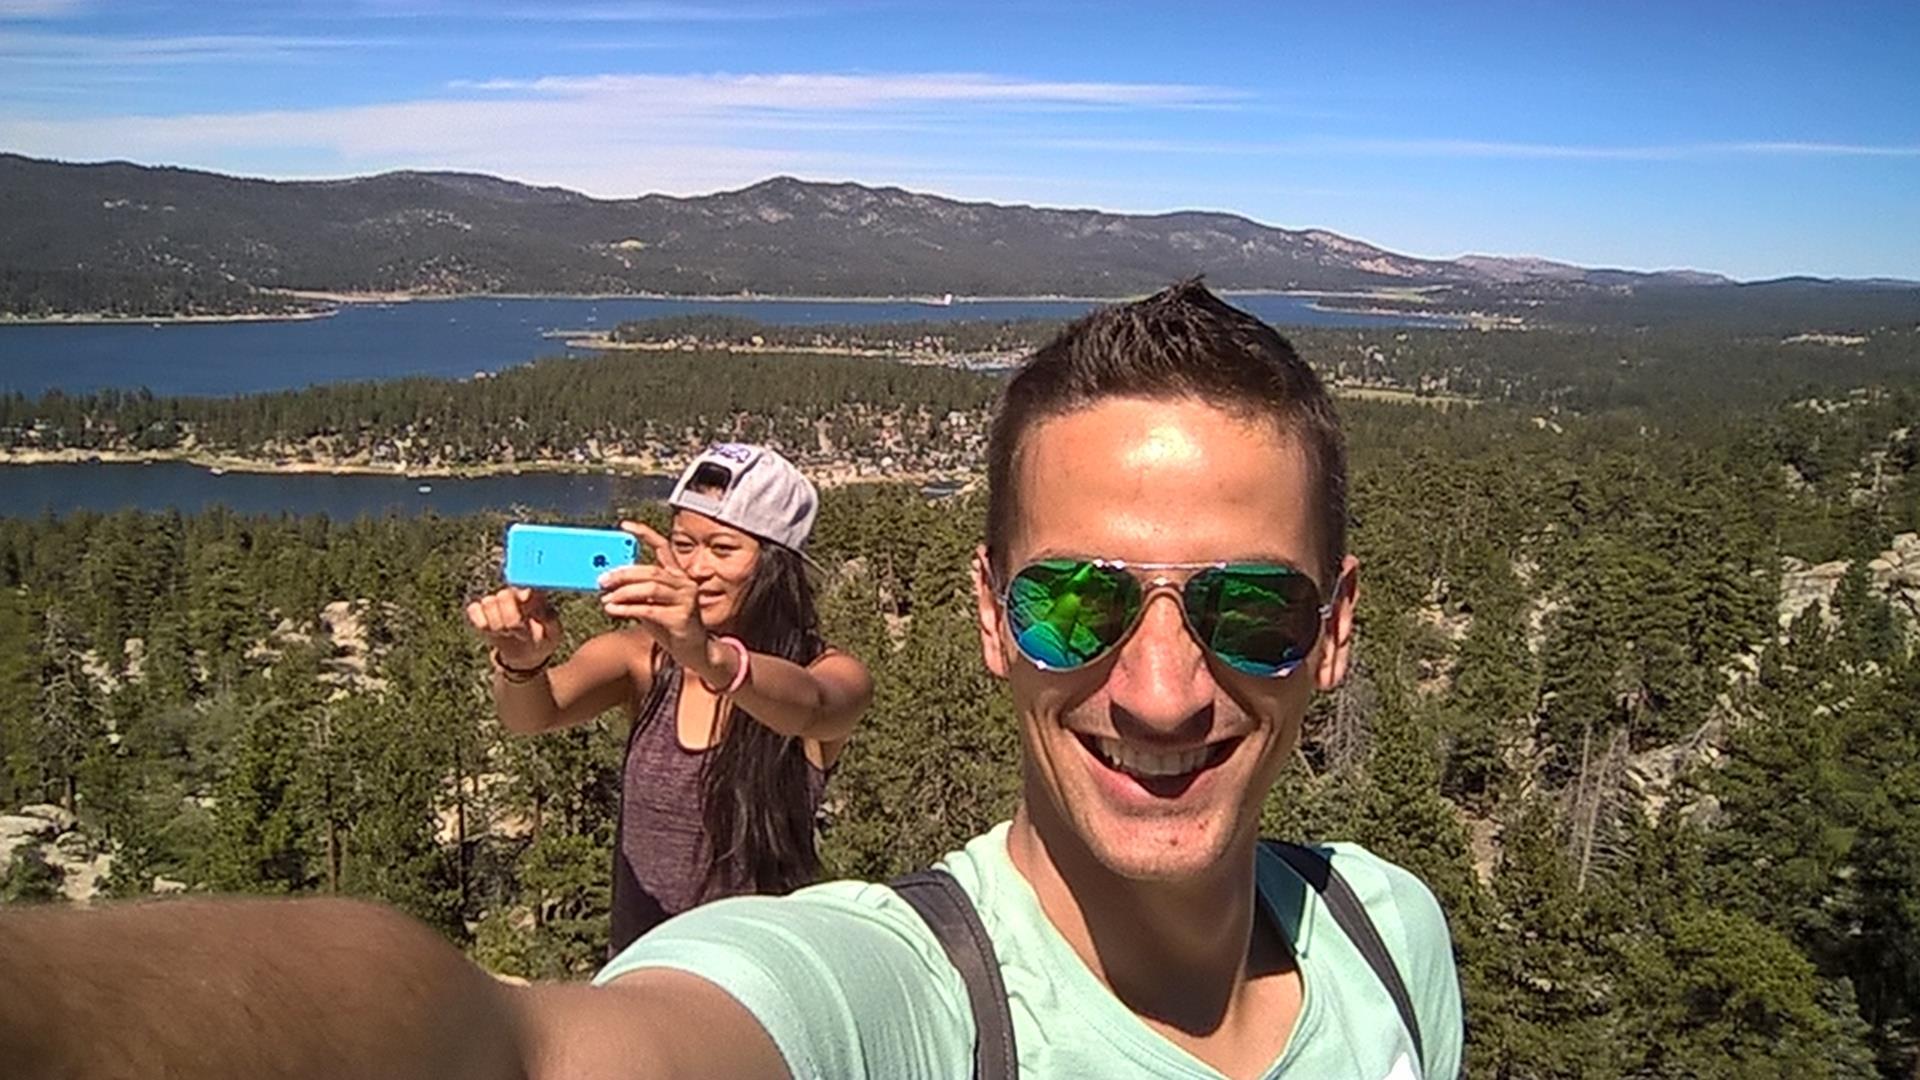 Hab mit dem Selfie das Selfie erwischt